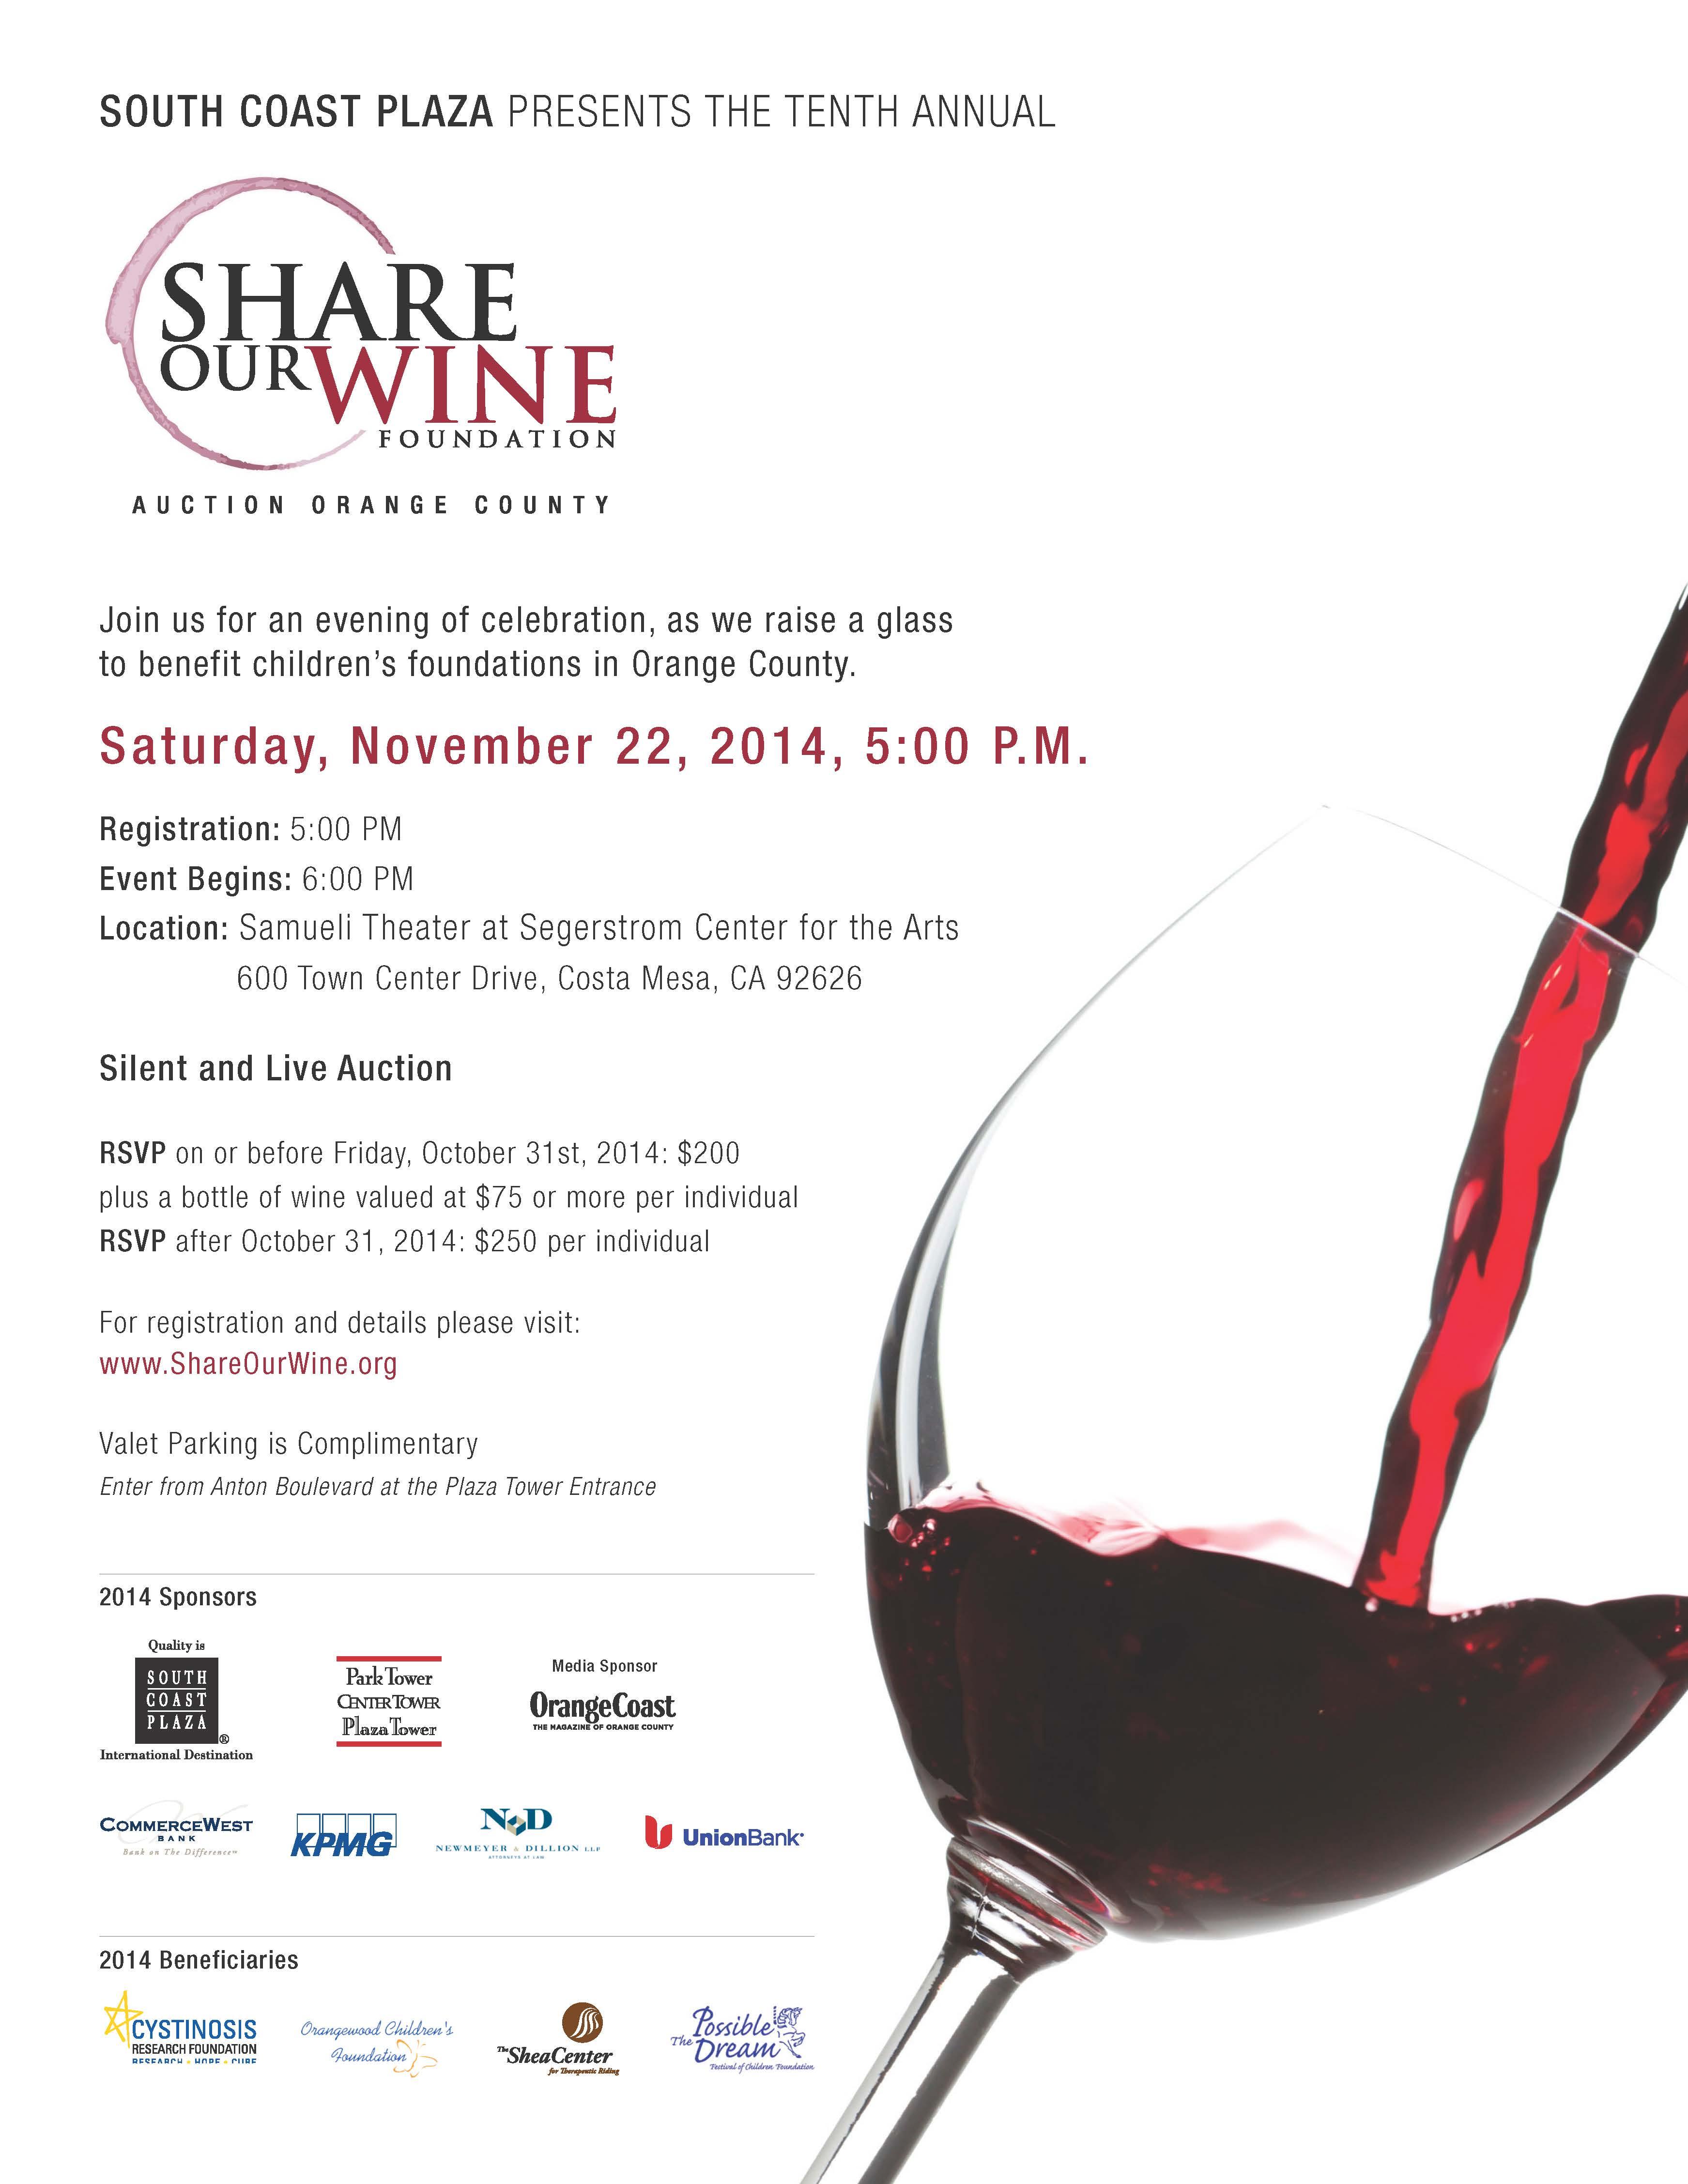 ShareOurWine_Invite